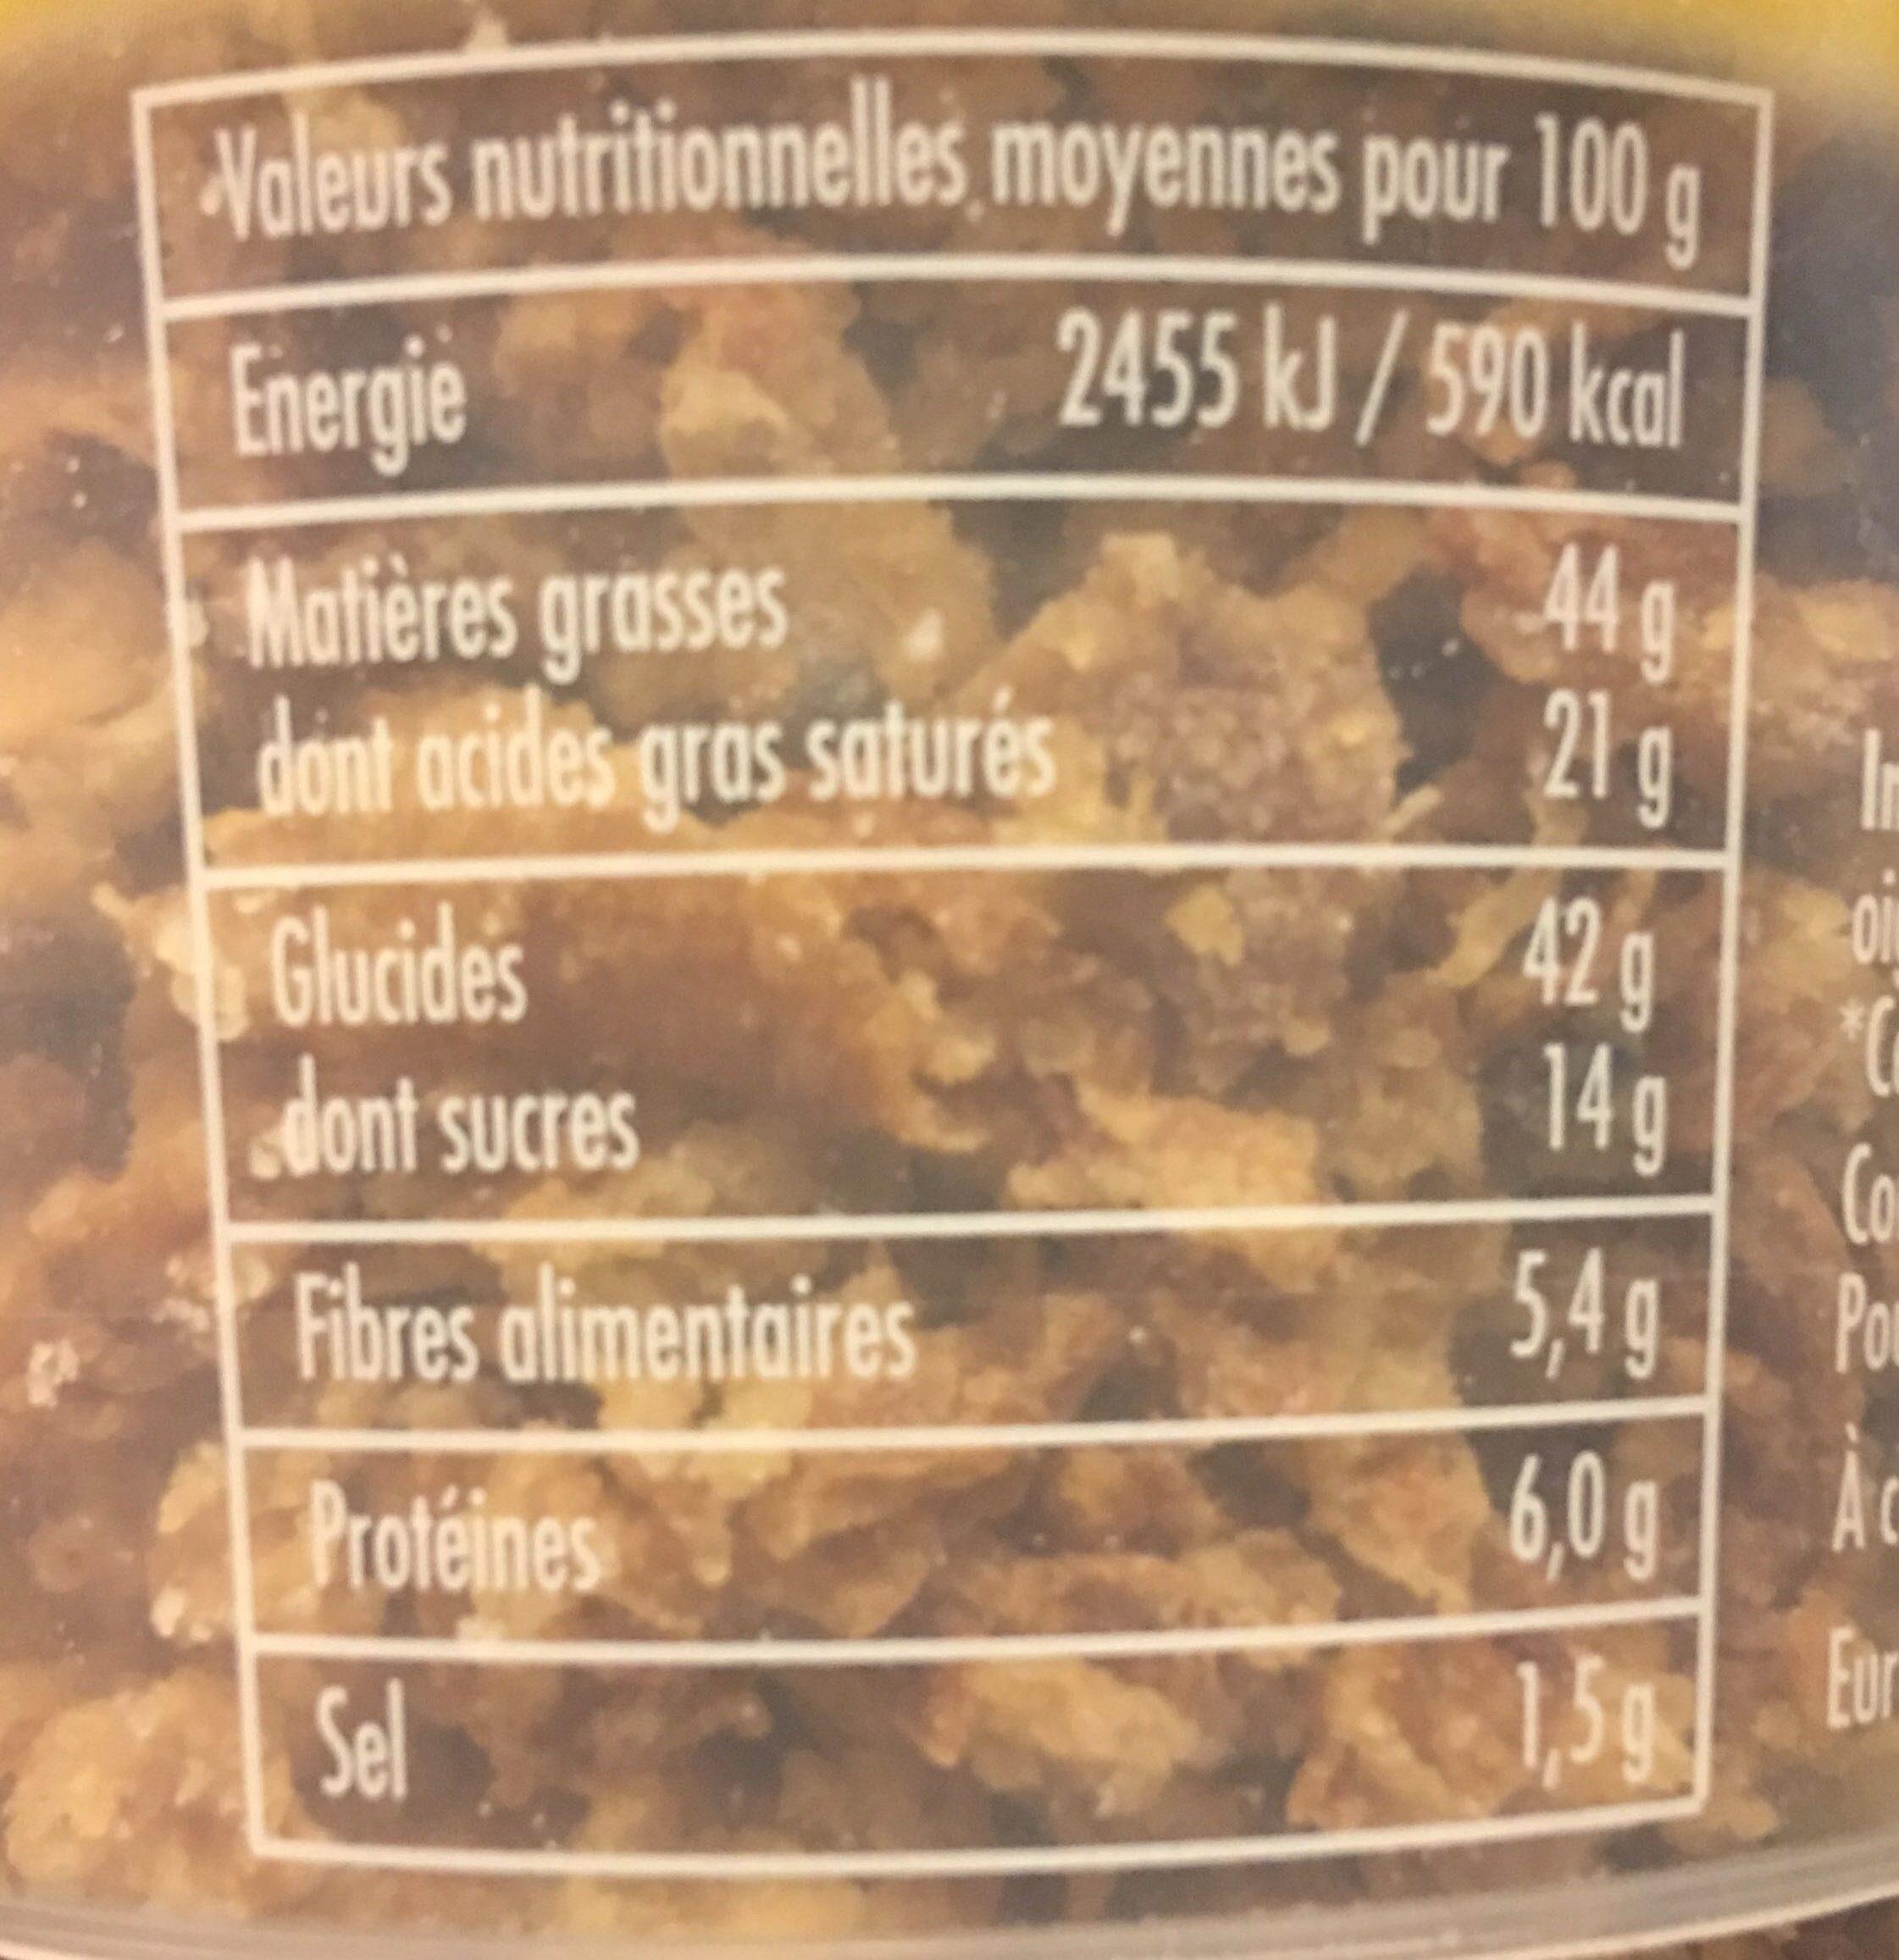 Oignons frits - Informazioni nutrizionali - fr